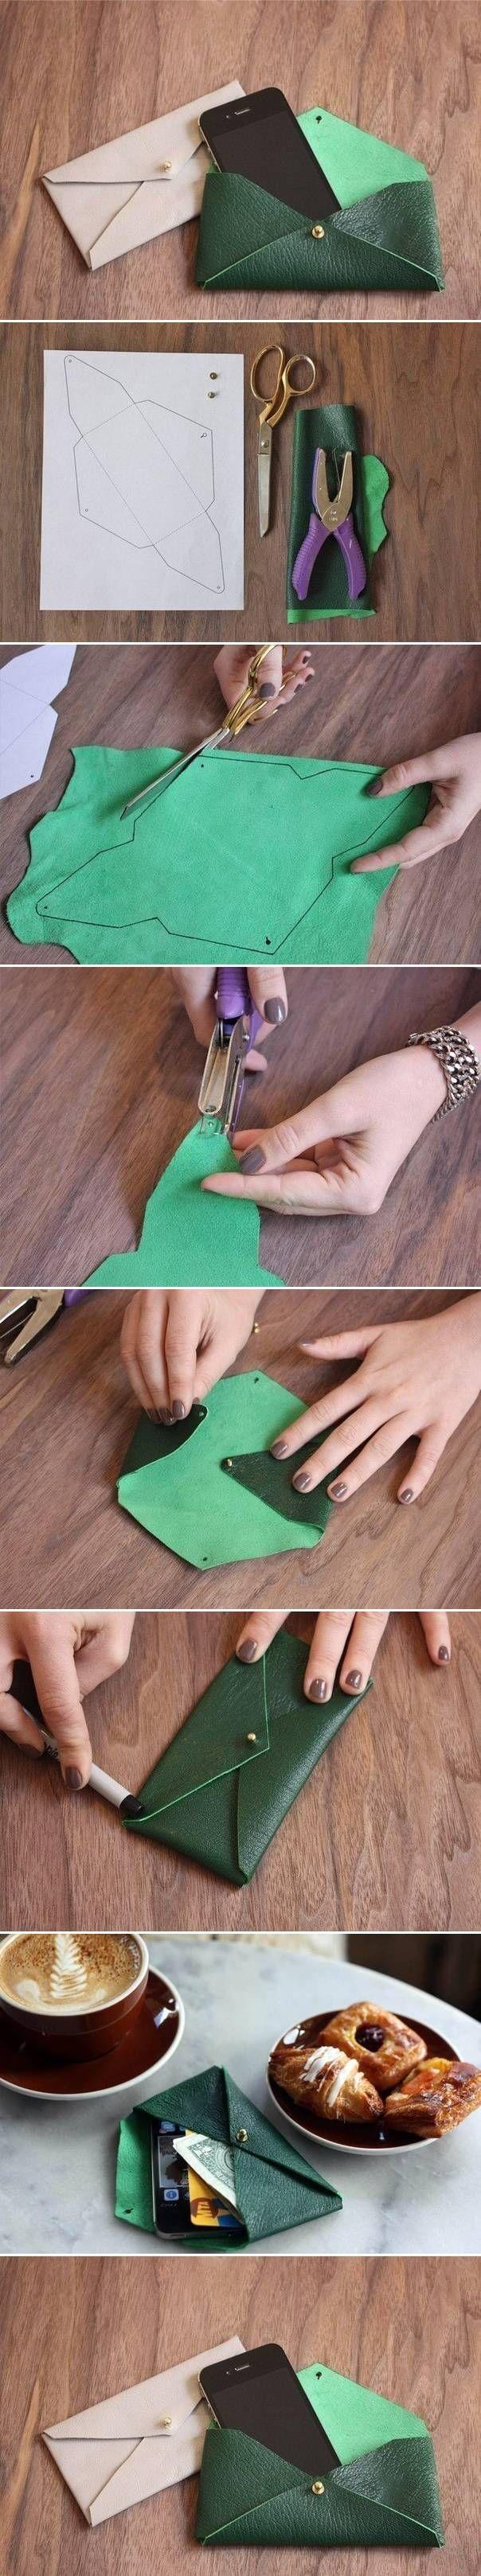 Funda de piel en forma de sobre para el móvil